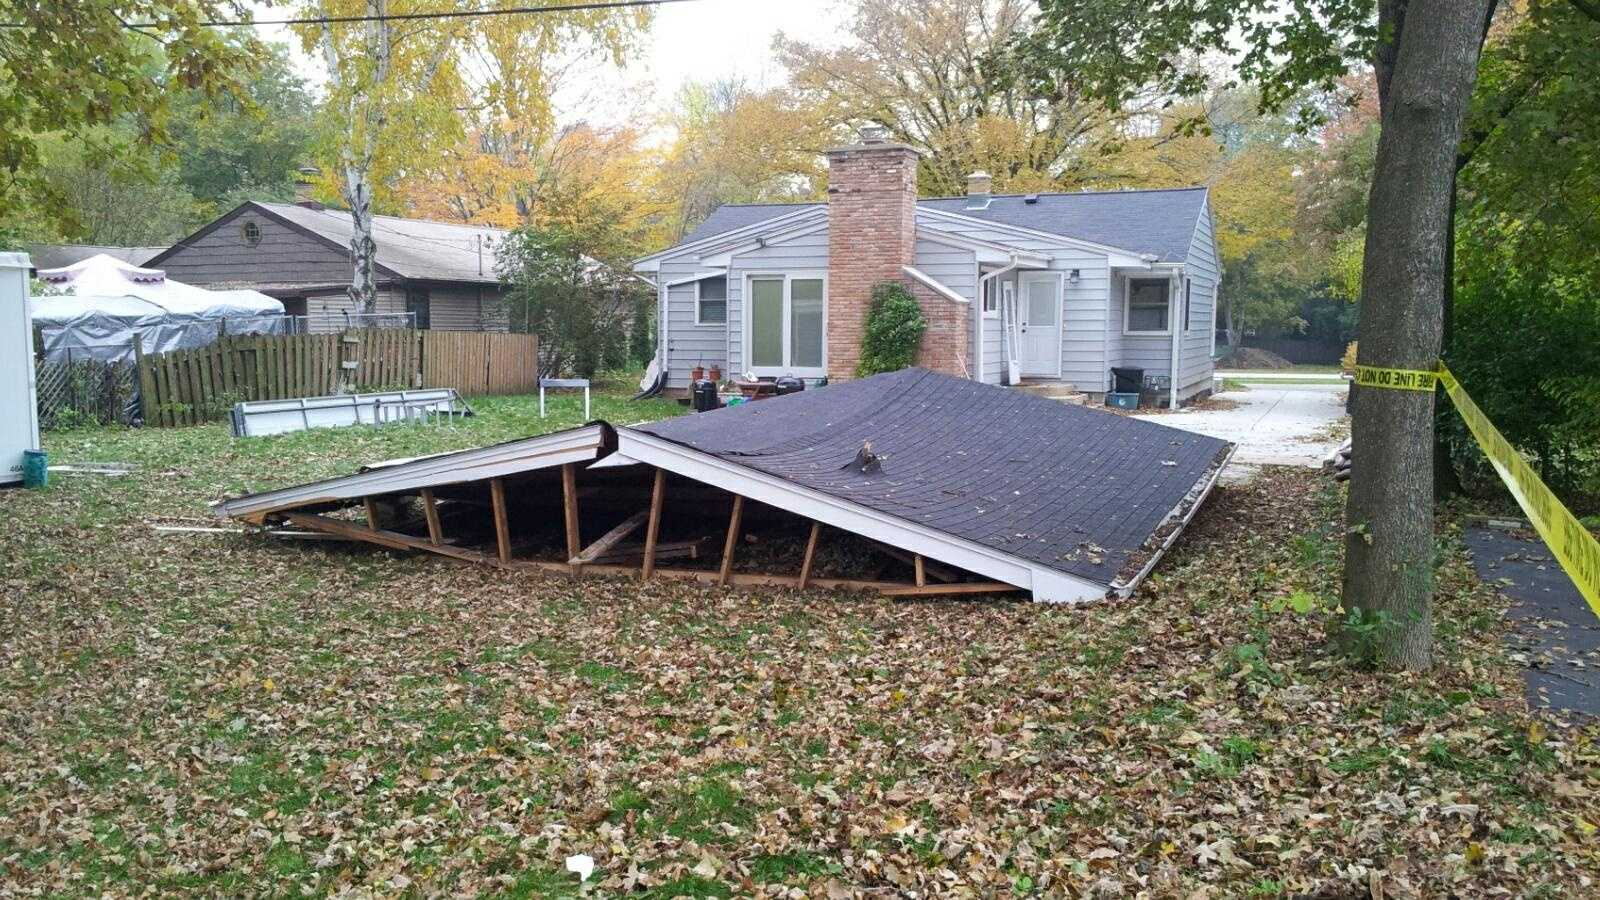 garage collapse 1.jpg